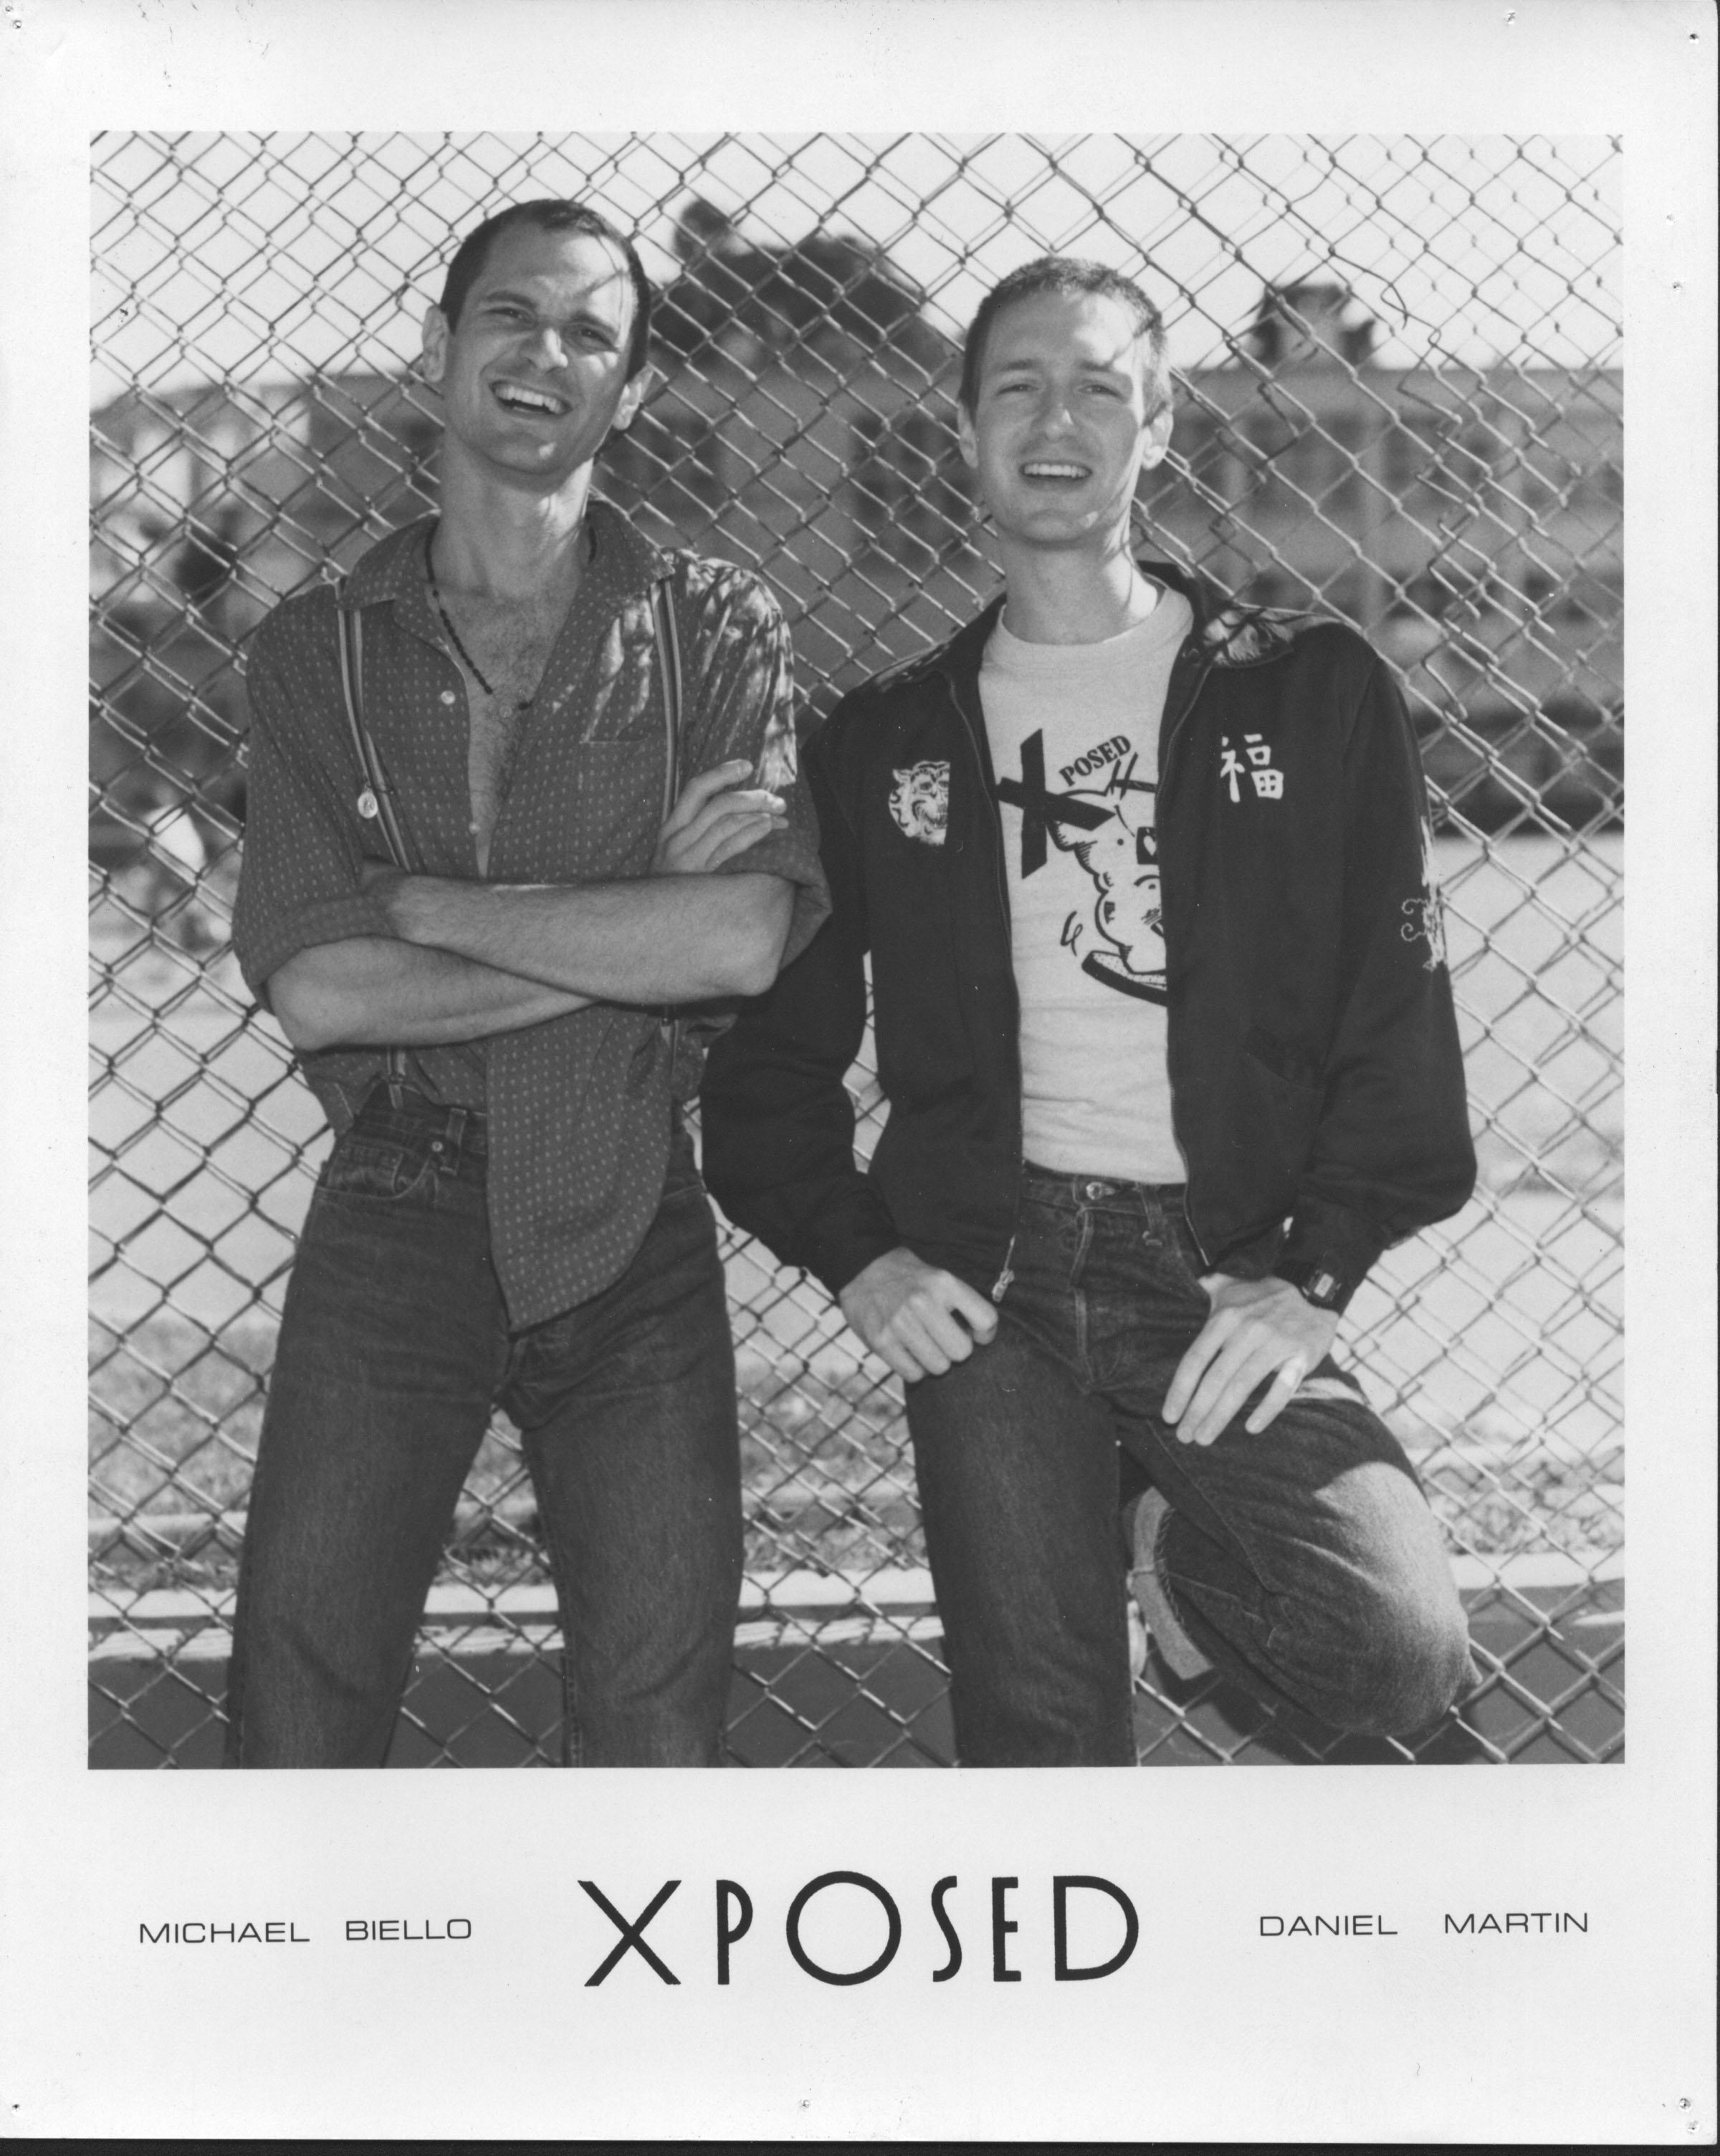 Biello & Martin, mid 1980's